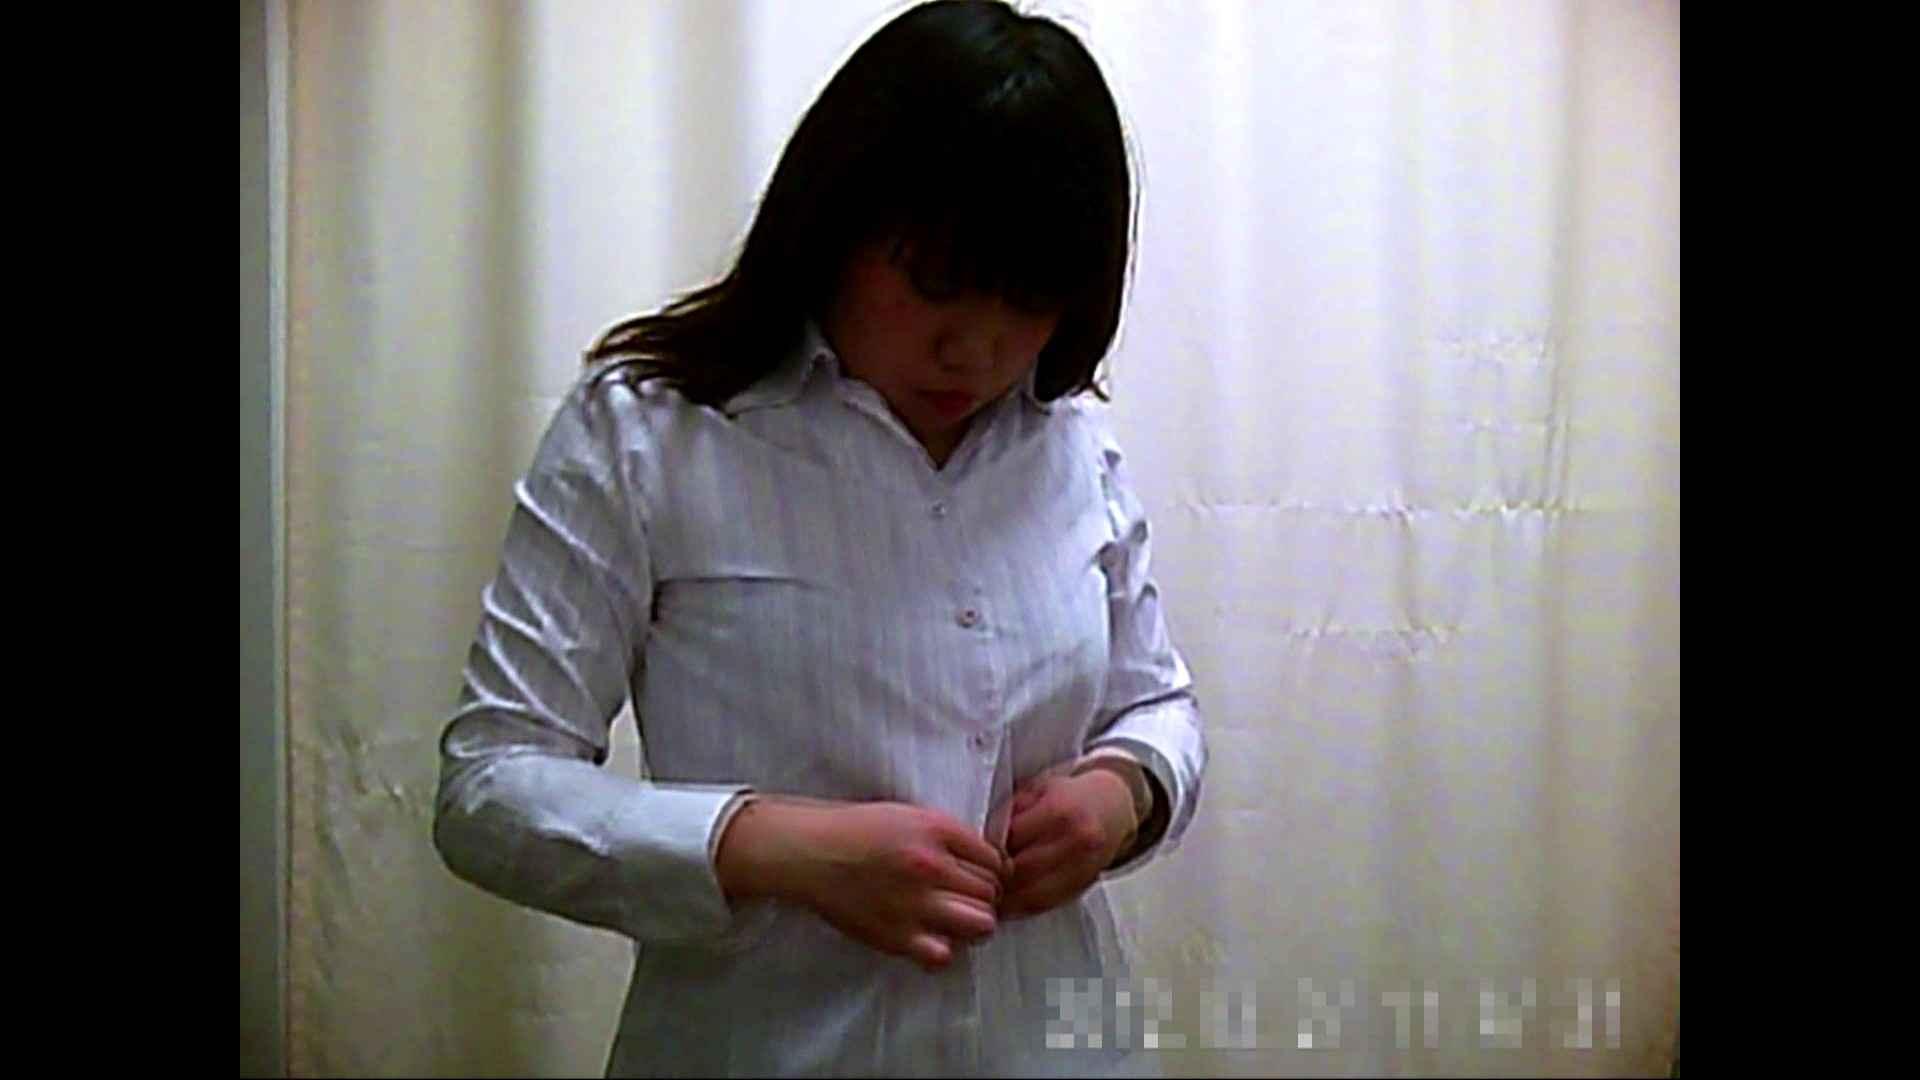 元医者による反抗 更衣室地獄絵巻 vol.024 エッチすぎるOL達  30連発 14